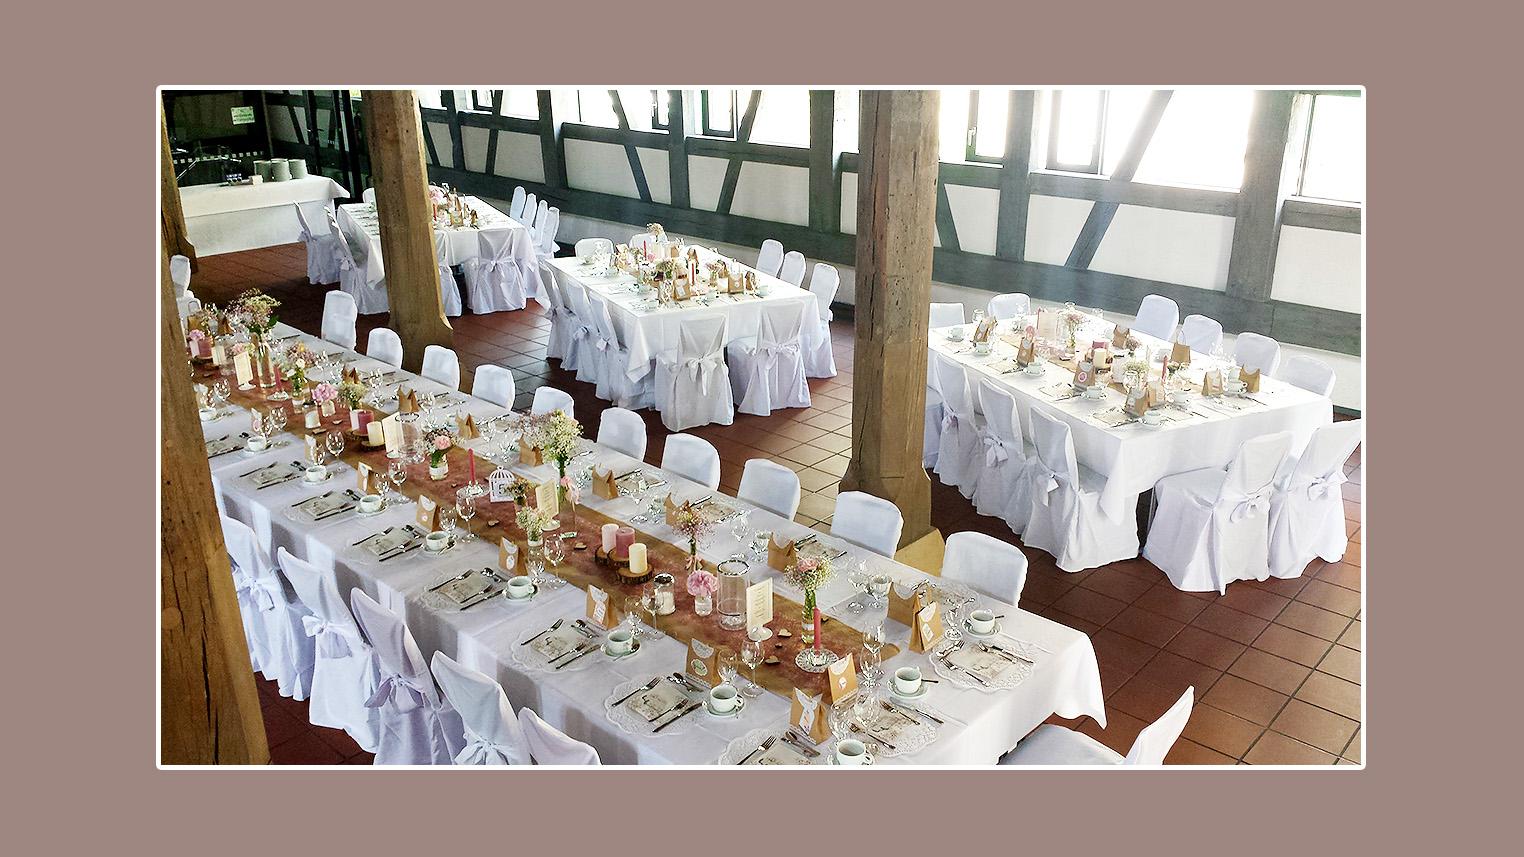 Stuhlhussenverleih tischdeko hochzeitsdeko Hochzeitsdeko creme